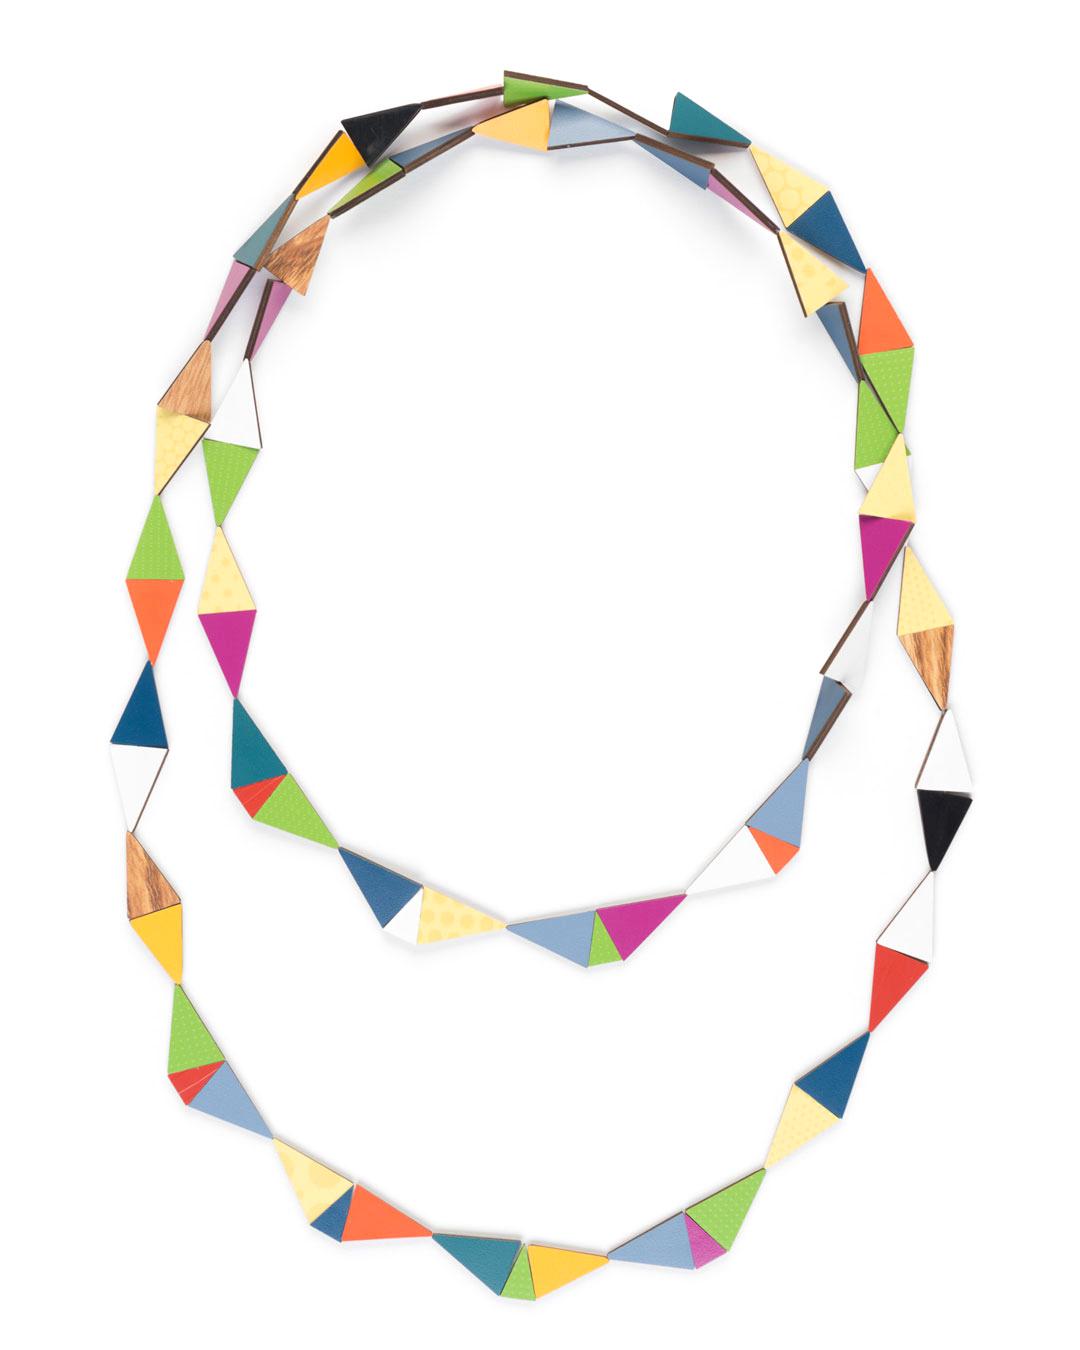 Rebecca Hannon, Harlequin, 2016, neckpiece; laminate, 350 x 180 x 20 mm, €1090